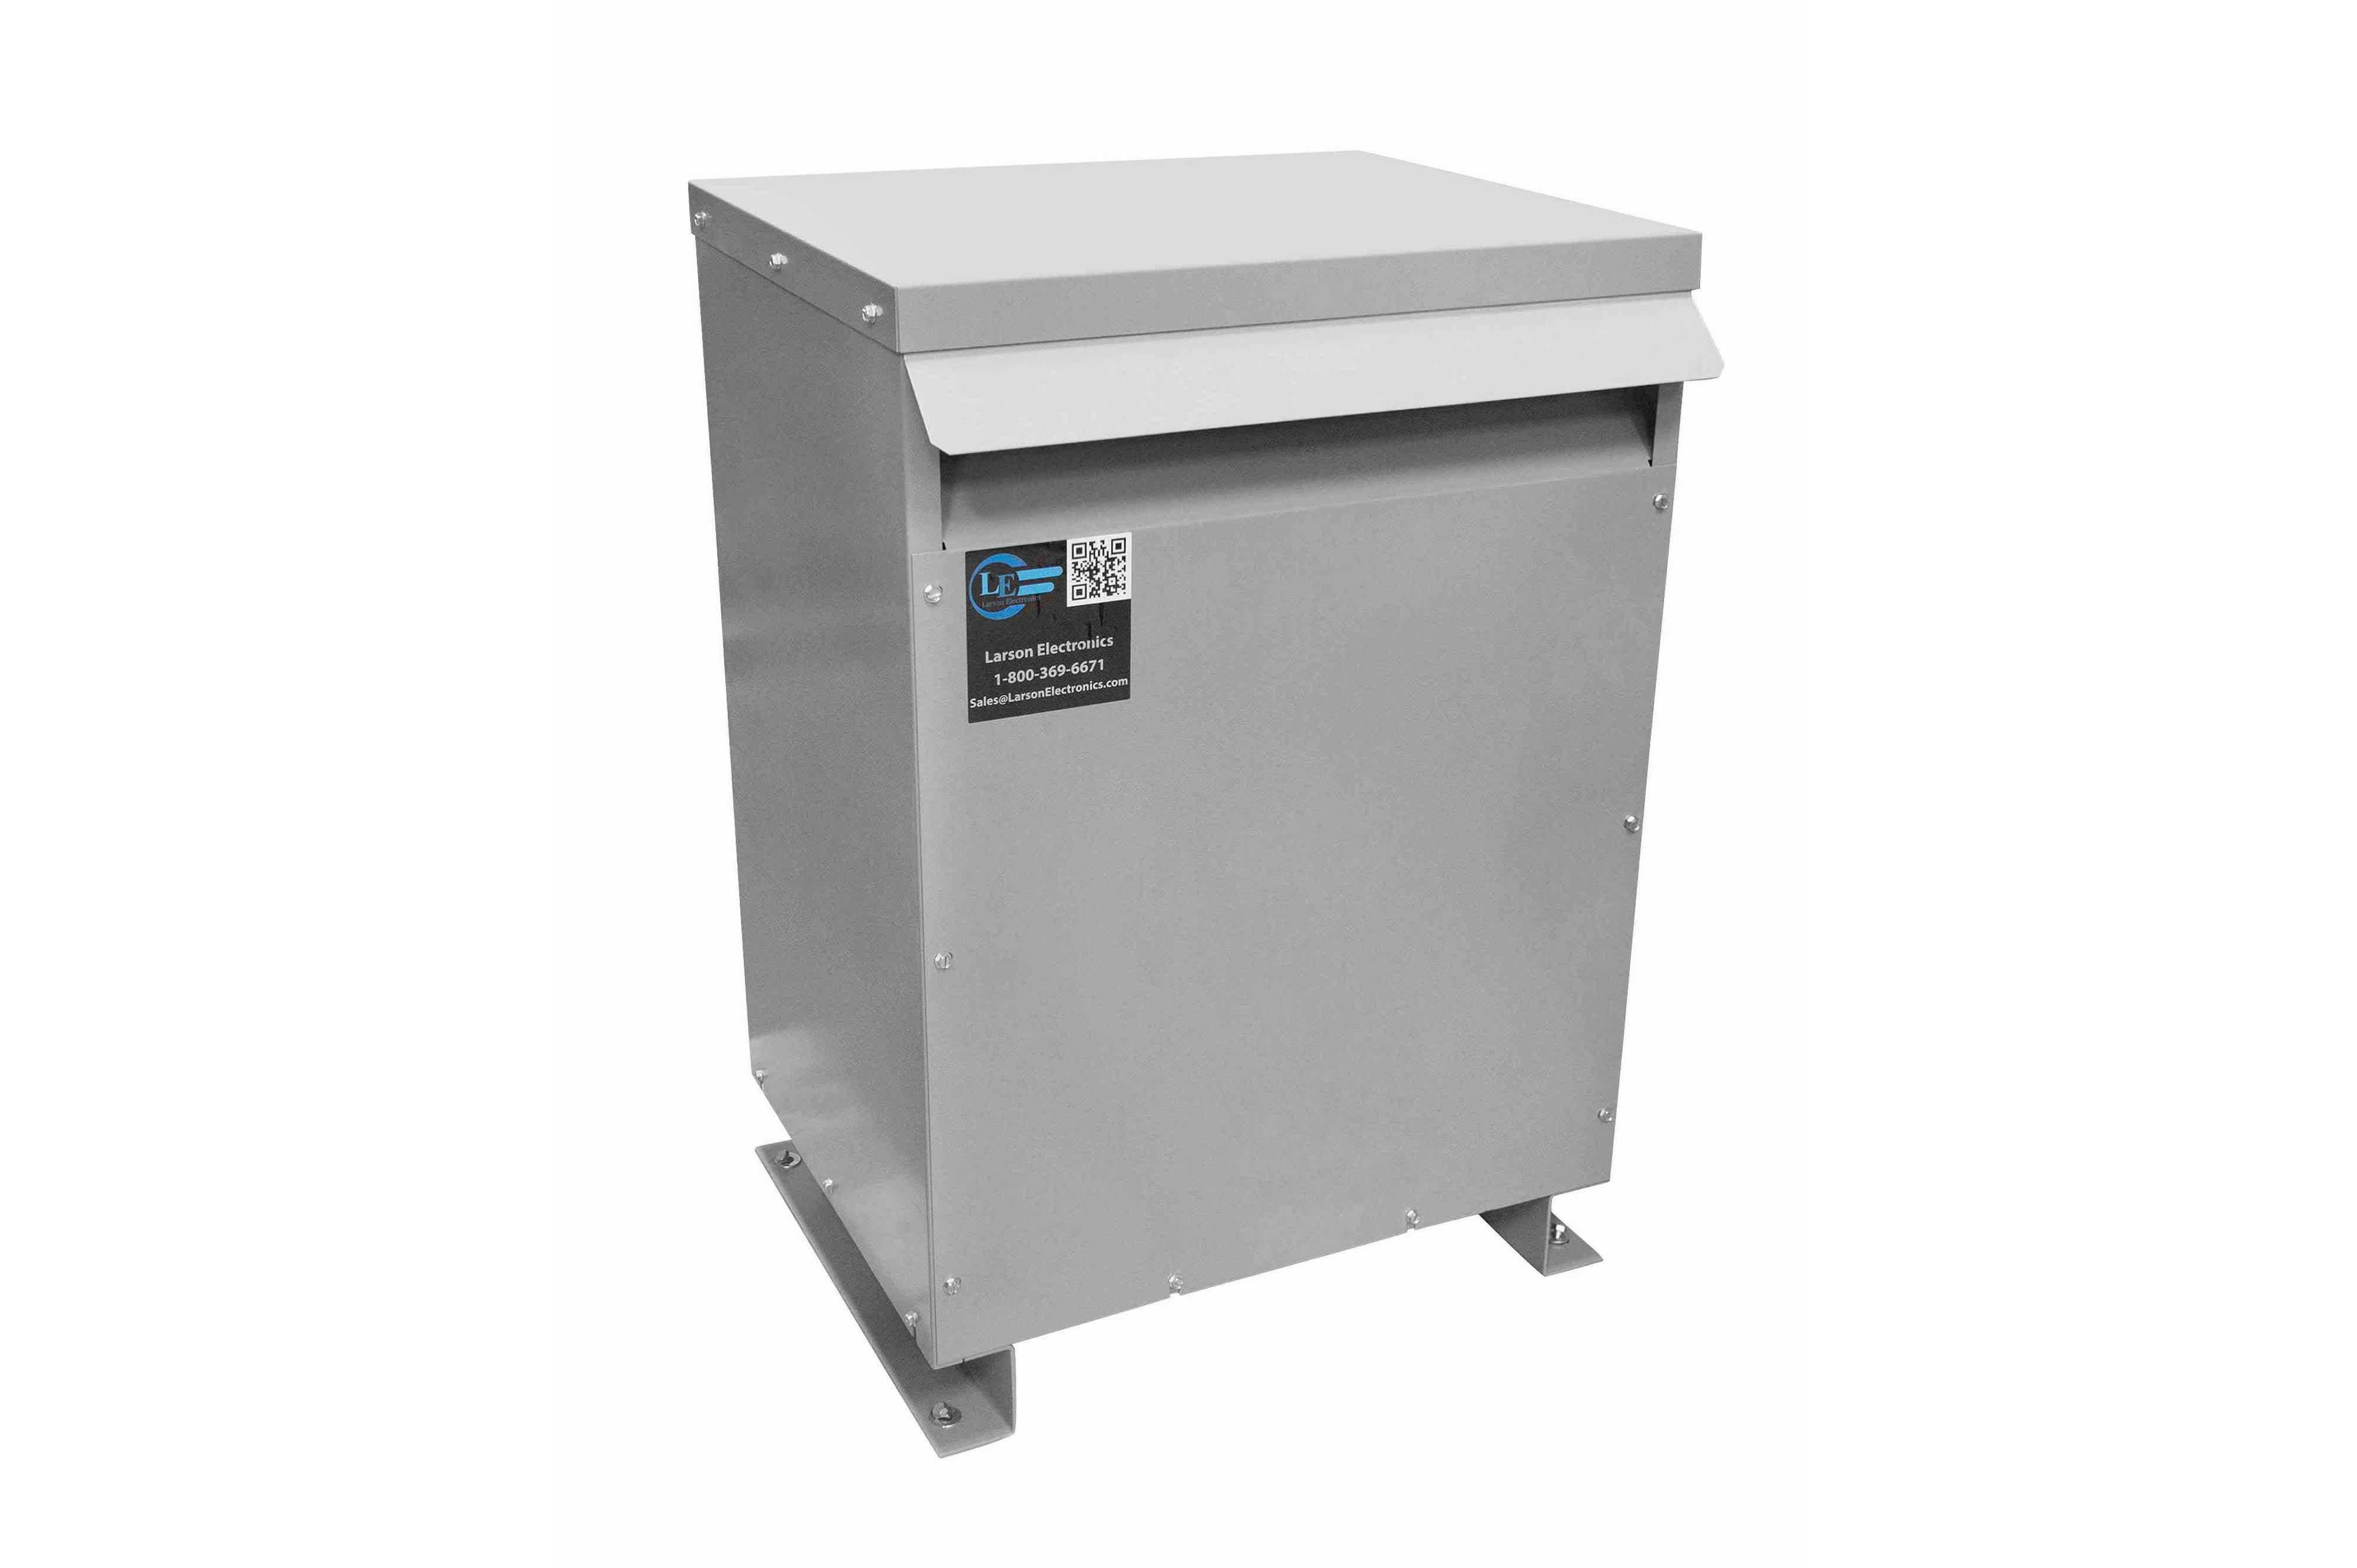 70 kVA 3PH Isolation Transformer, 575V Delta Primary, 380V Delta Secondary, N3R, Ventilated, 60 Hz